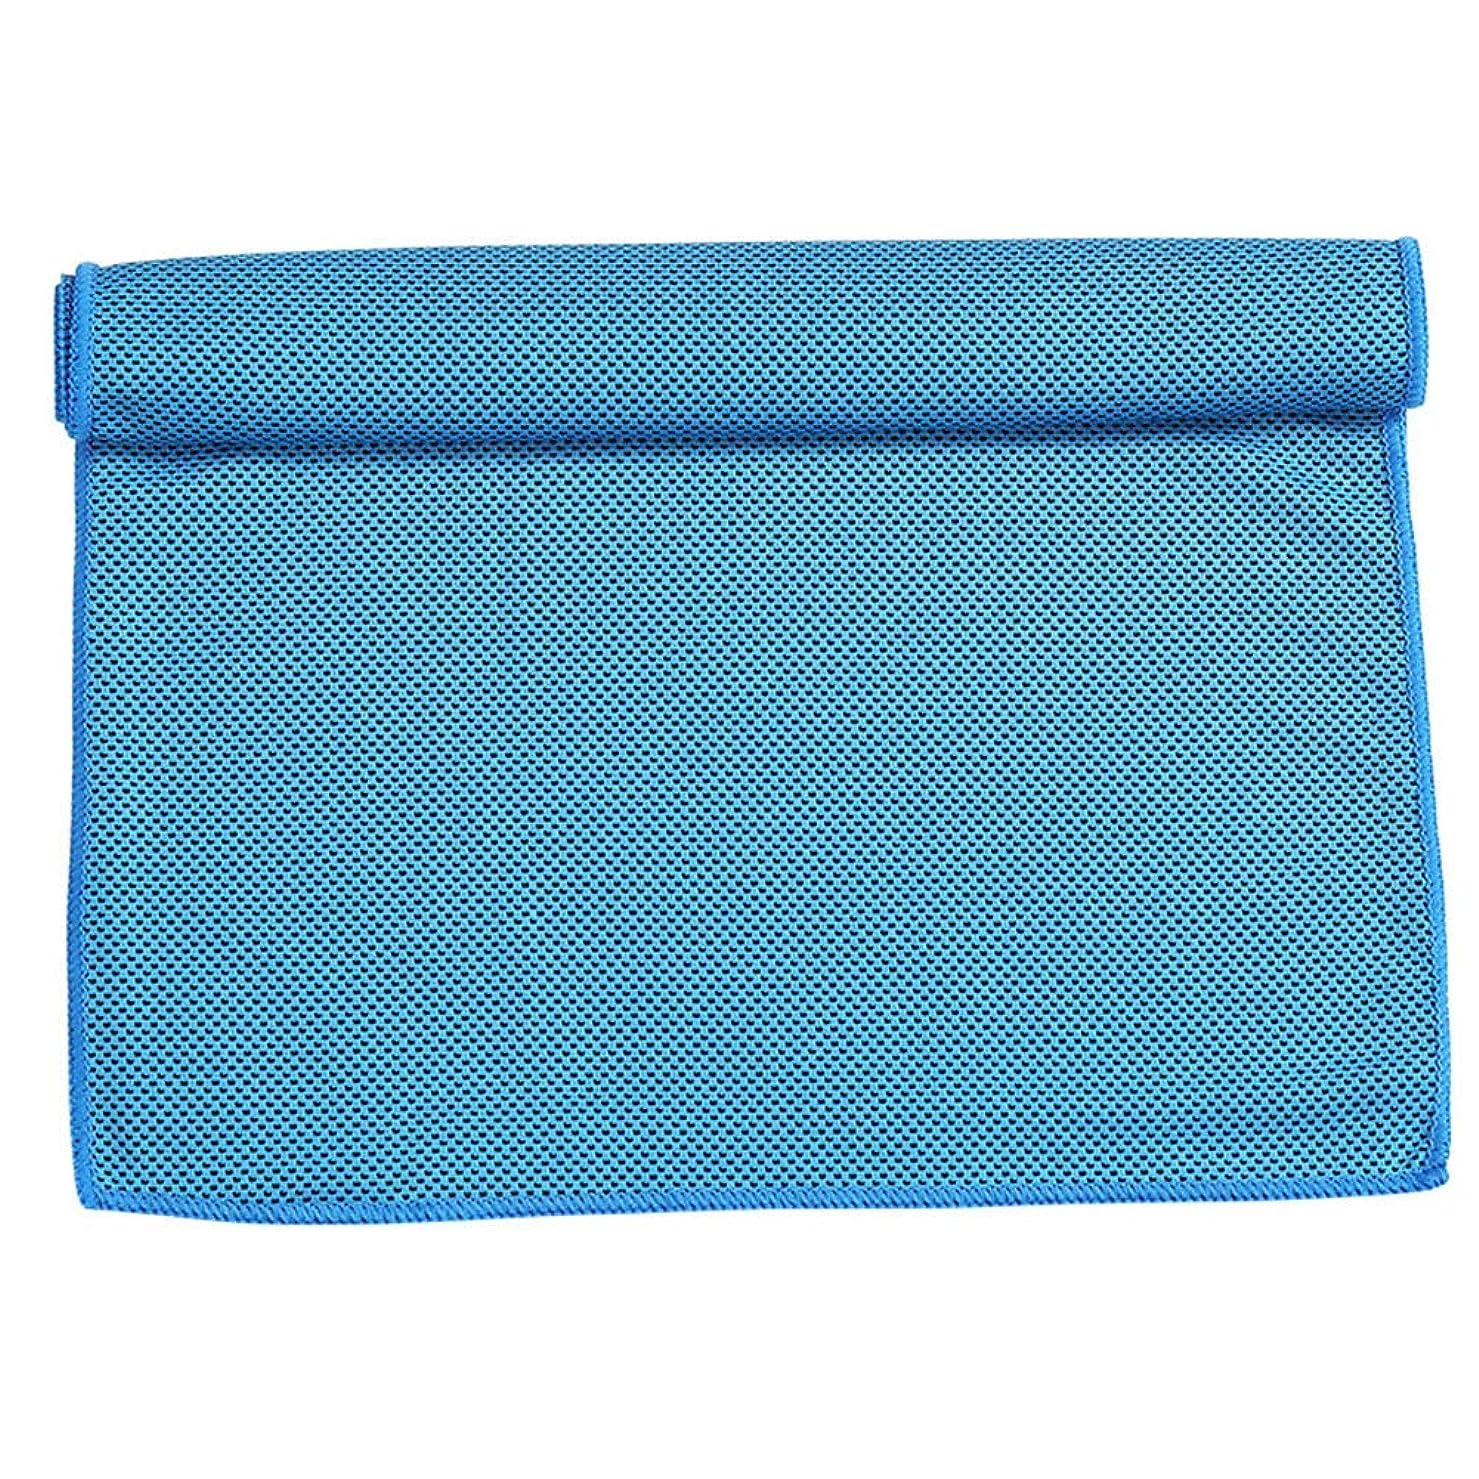 便利さ賞賛する悪質なクールタオル吸水速乾スポーツタオル男女大人子供水泳ビーチタオルスパ-blue-30*100CM